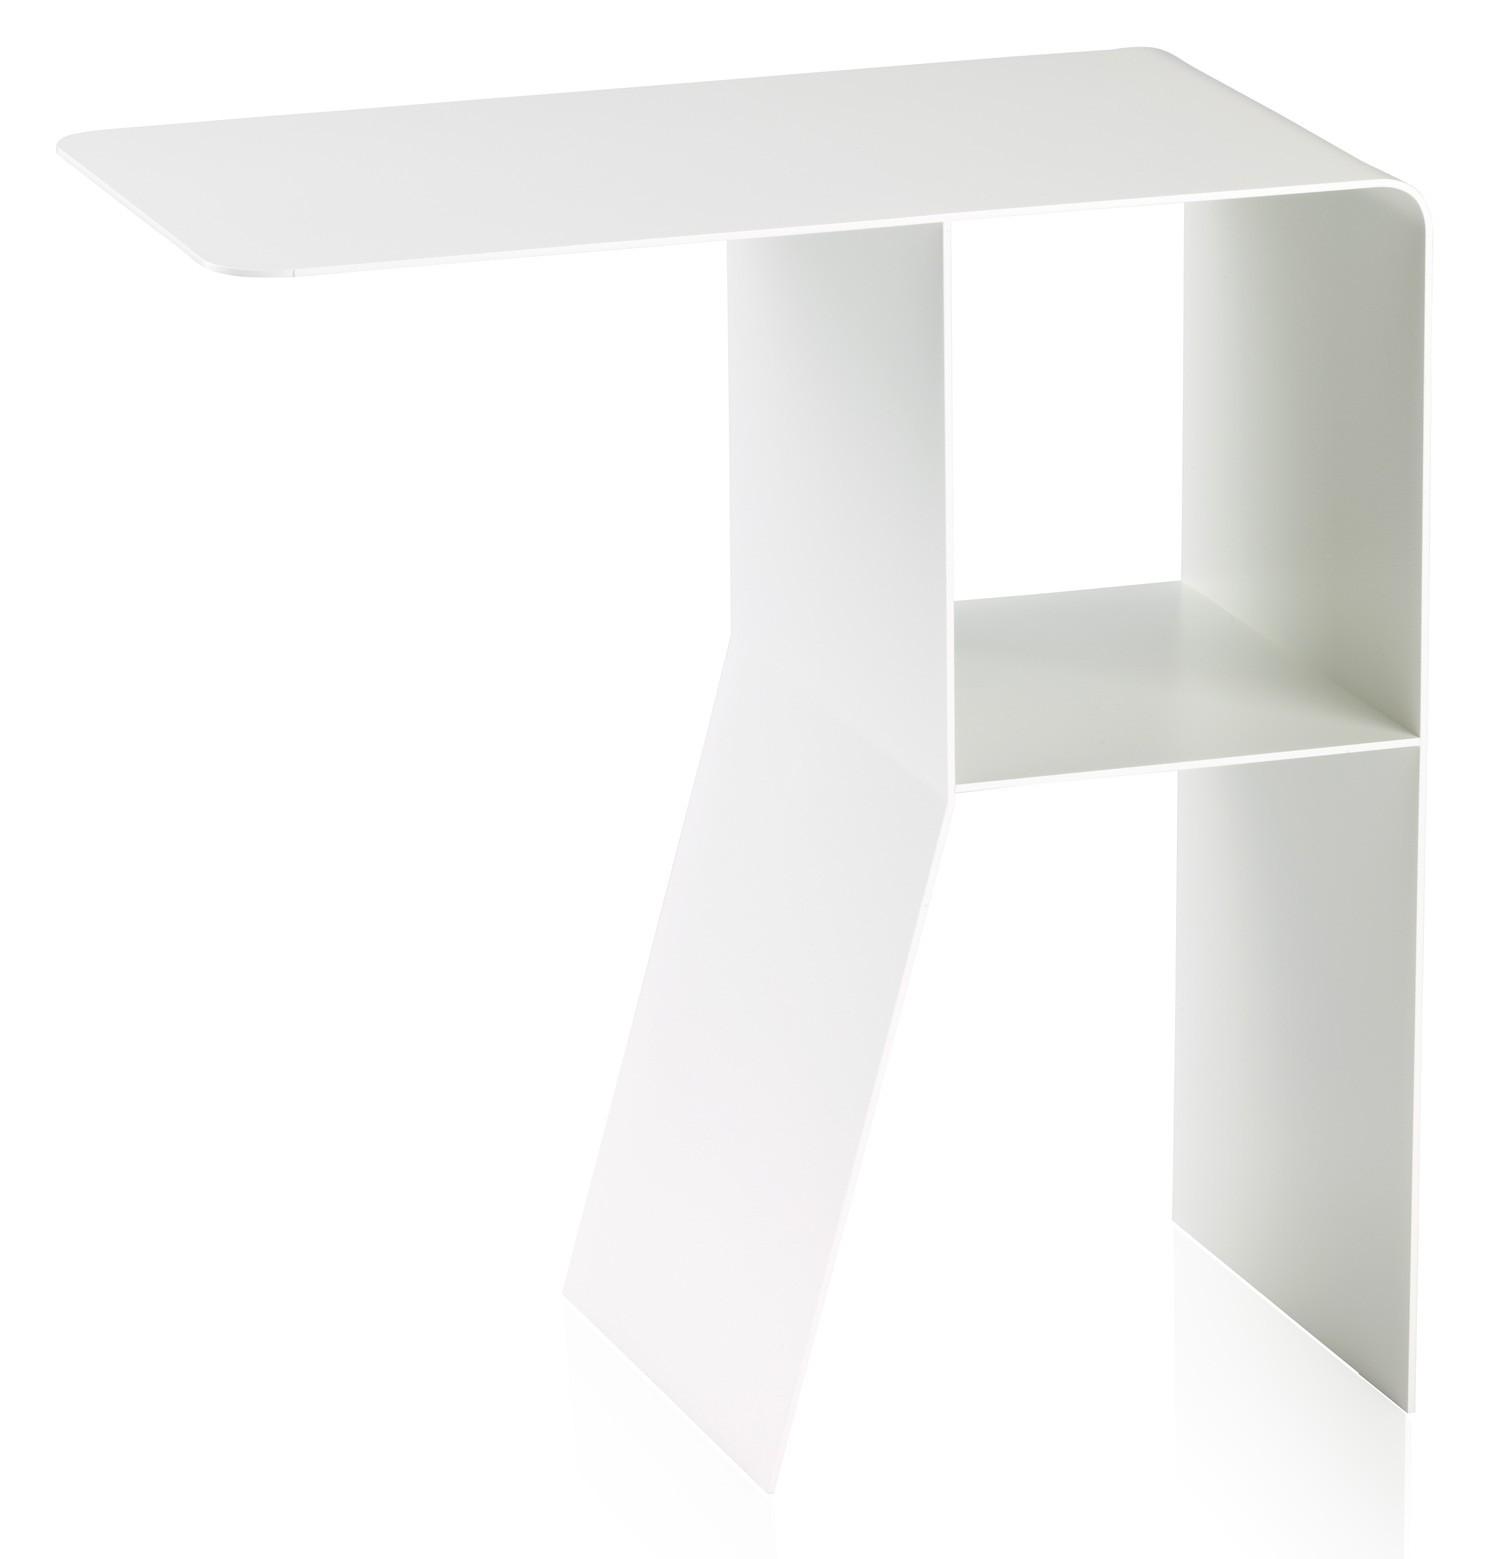 beistelltisch pieperconcept athos wei. Black Bedroom Furniture Sets. Home Design Ideas